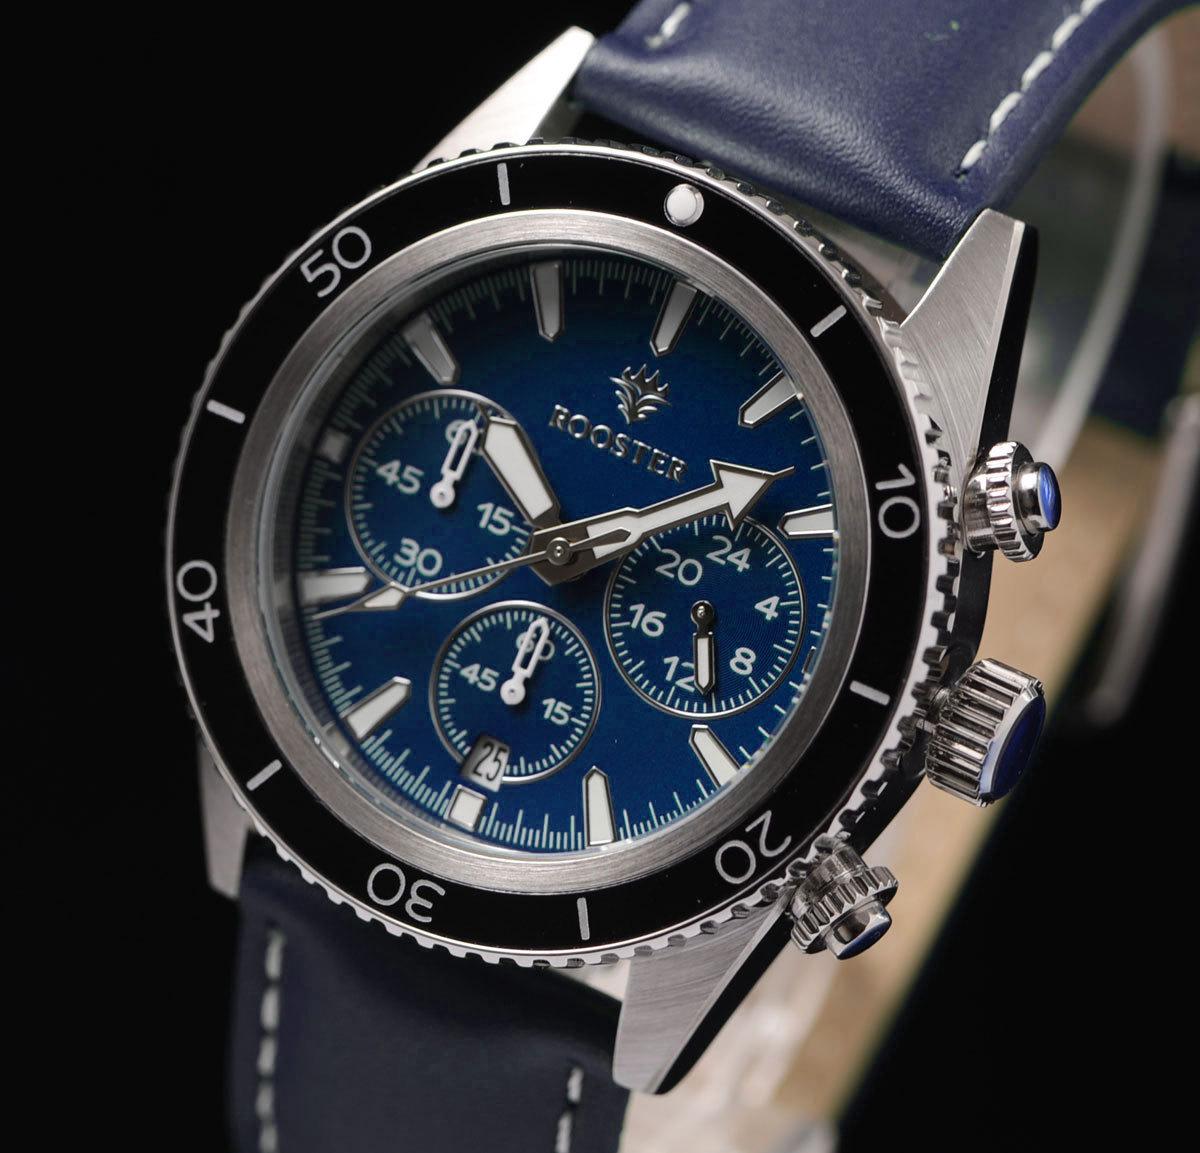 1円開始!ROOSTER ダークブルー 世界限定500本 入手困難 BLUE 100m防水 クロノグラフ 本革ベルト 腕時計 世界限定500本 メンズ